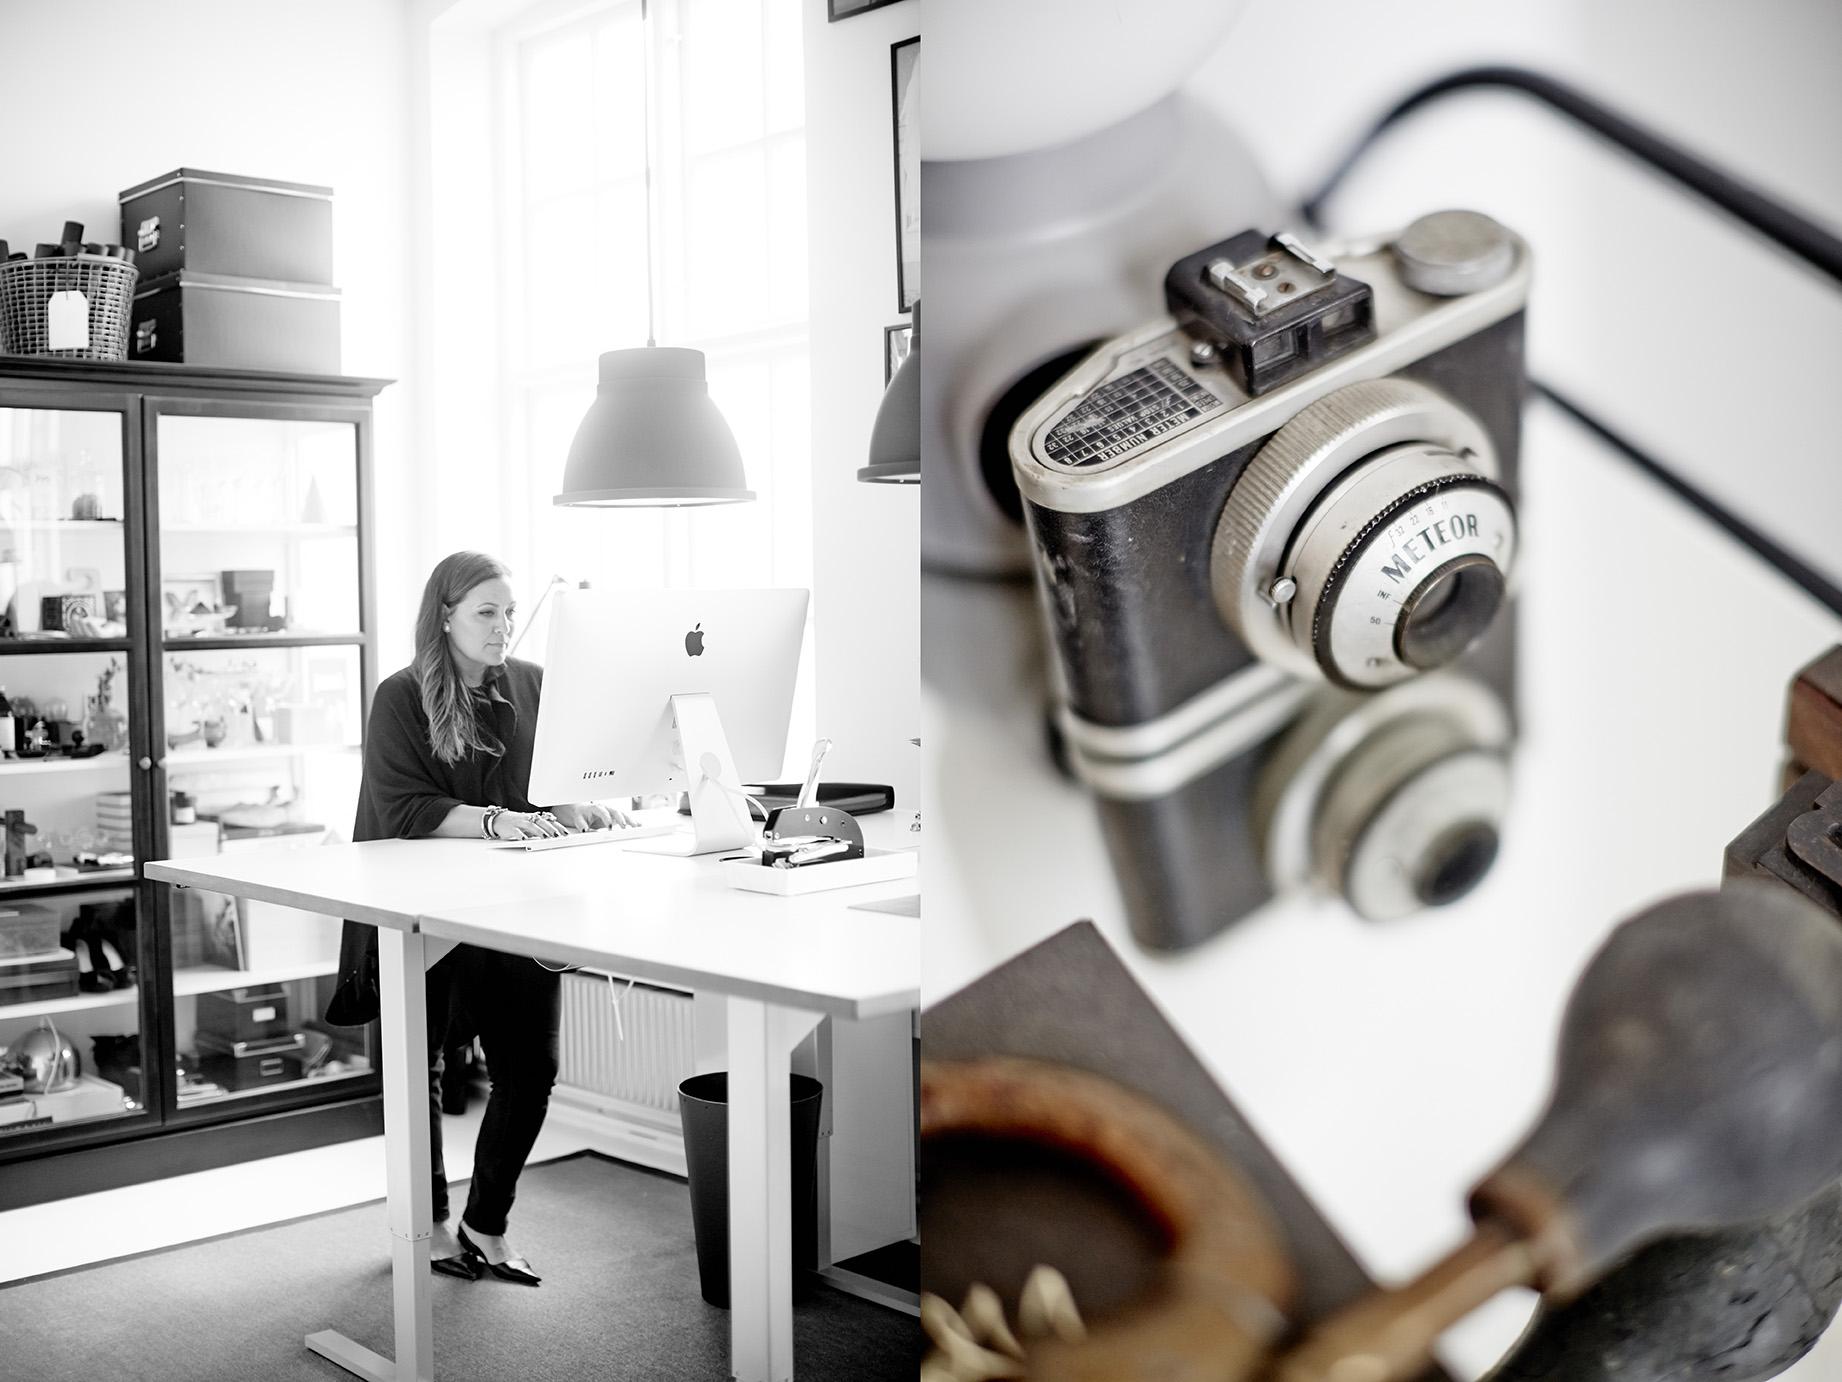 DAYFOTOGRAFI-BÅÅTHSTUDIO-0098